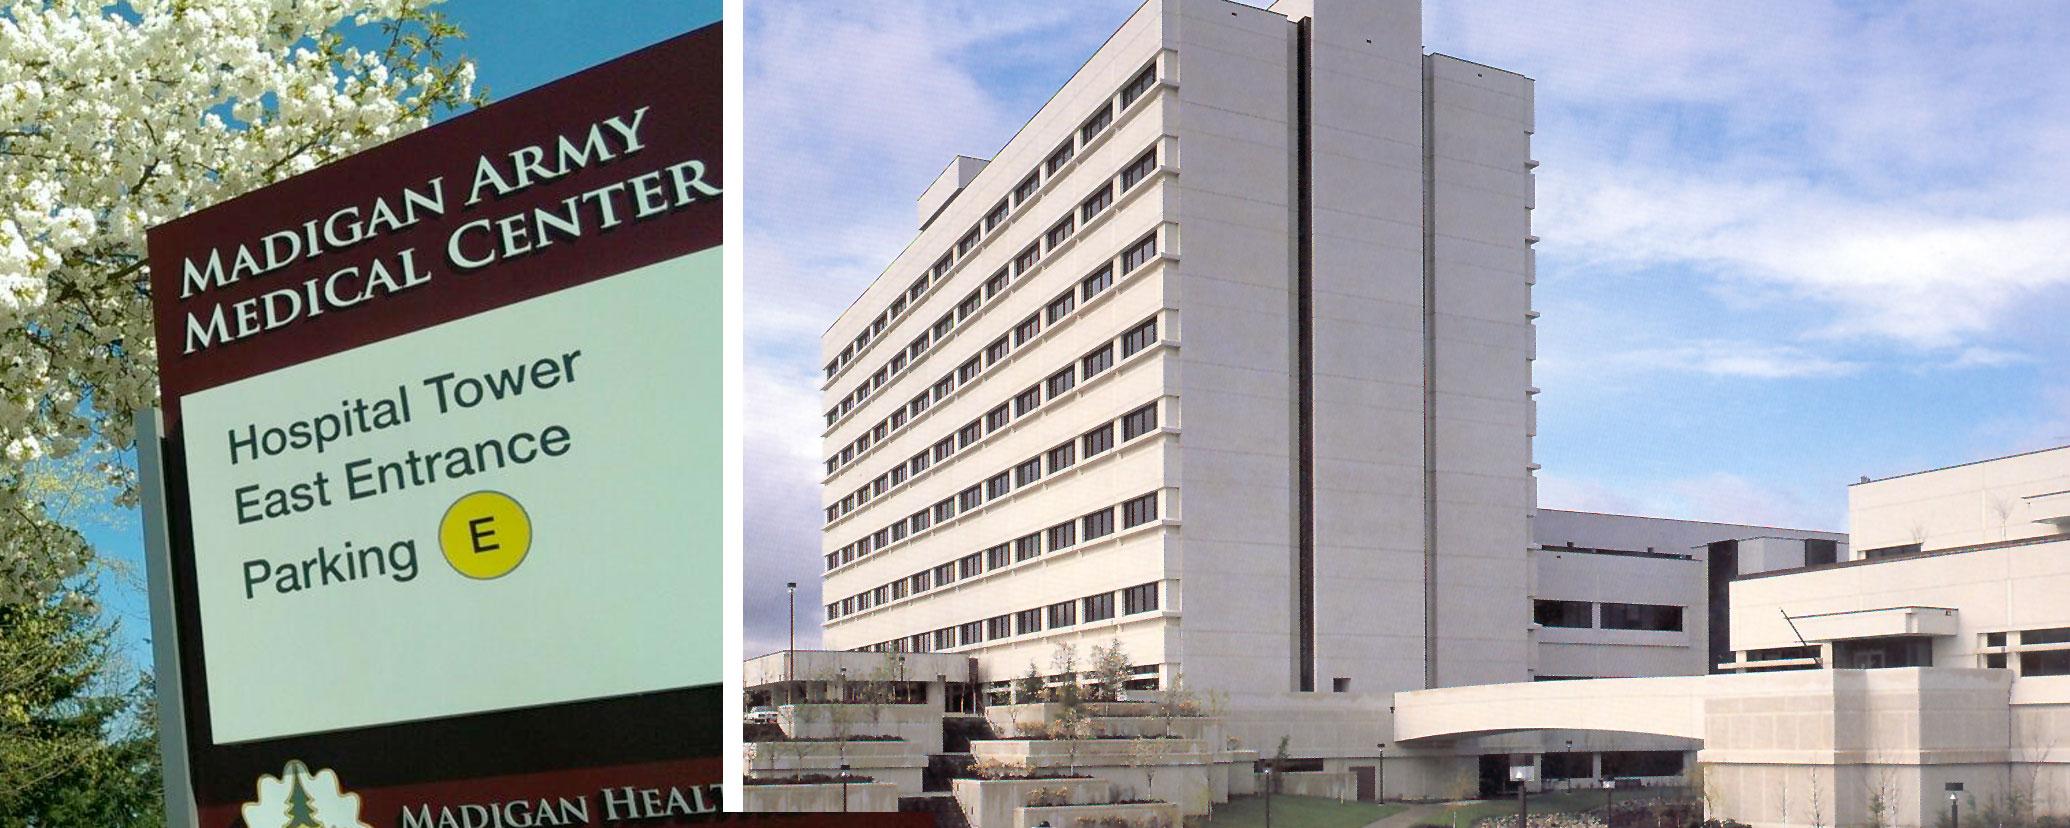 Madigan Army Medical Center | Caddell Construction